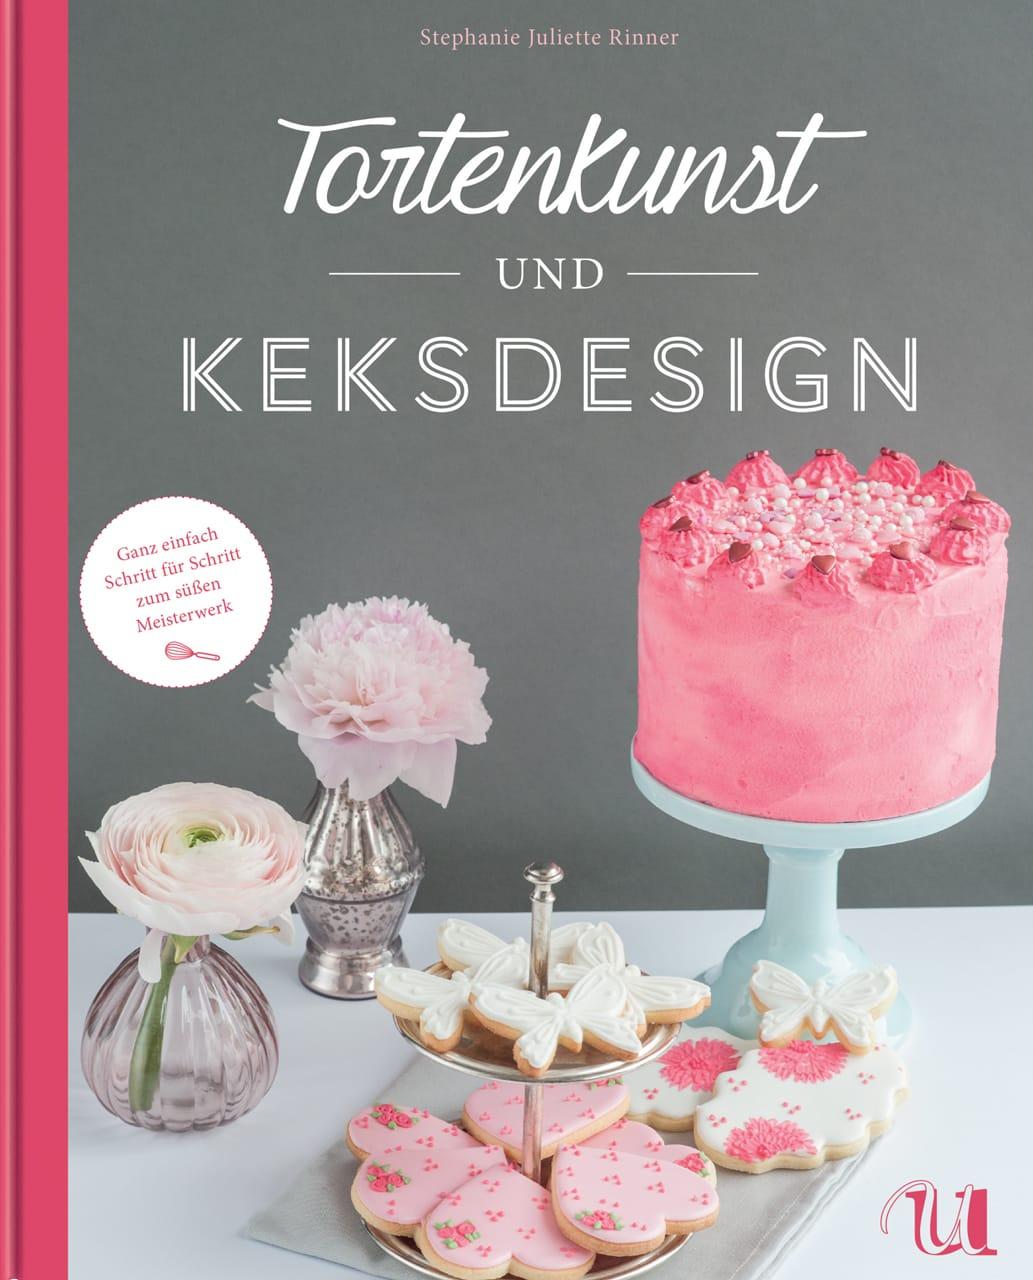 Backbuch Tortenkunst und Keksdesign Cover